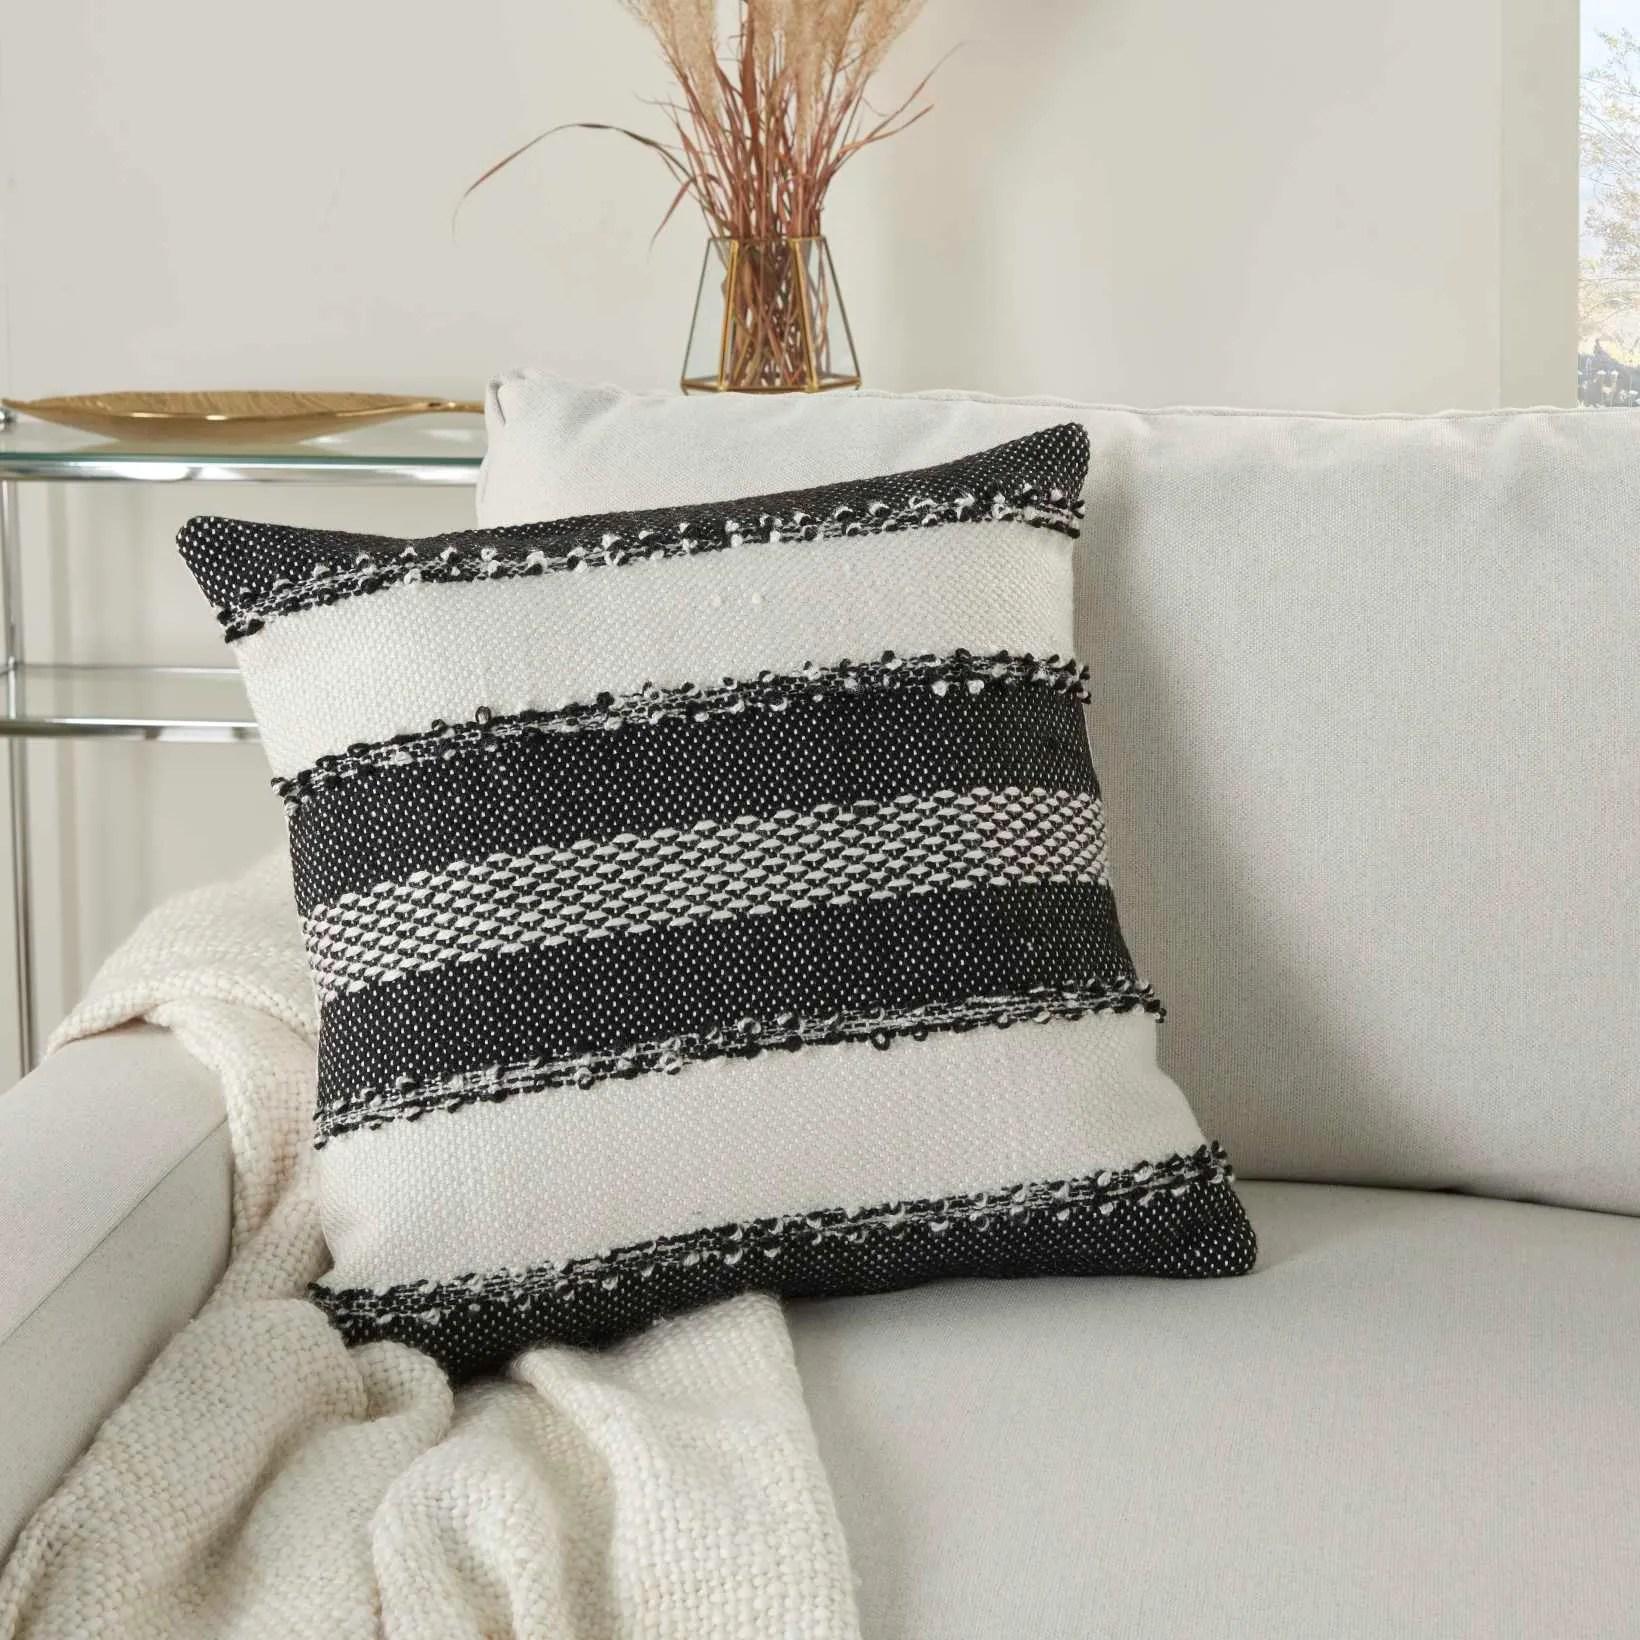 outdoor pillows vj088 black 18